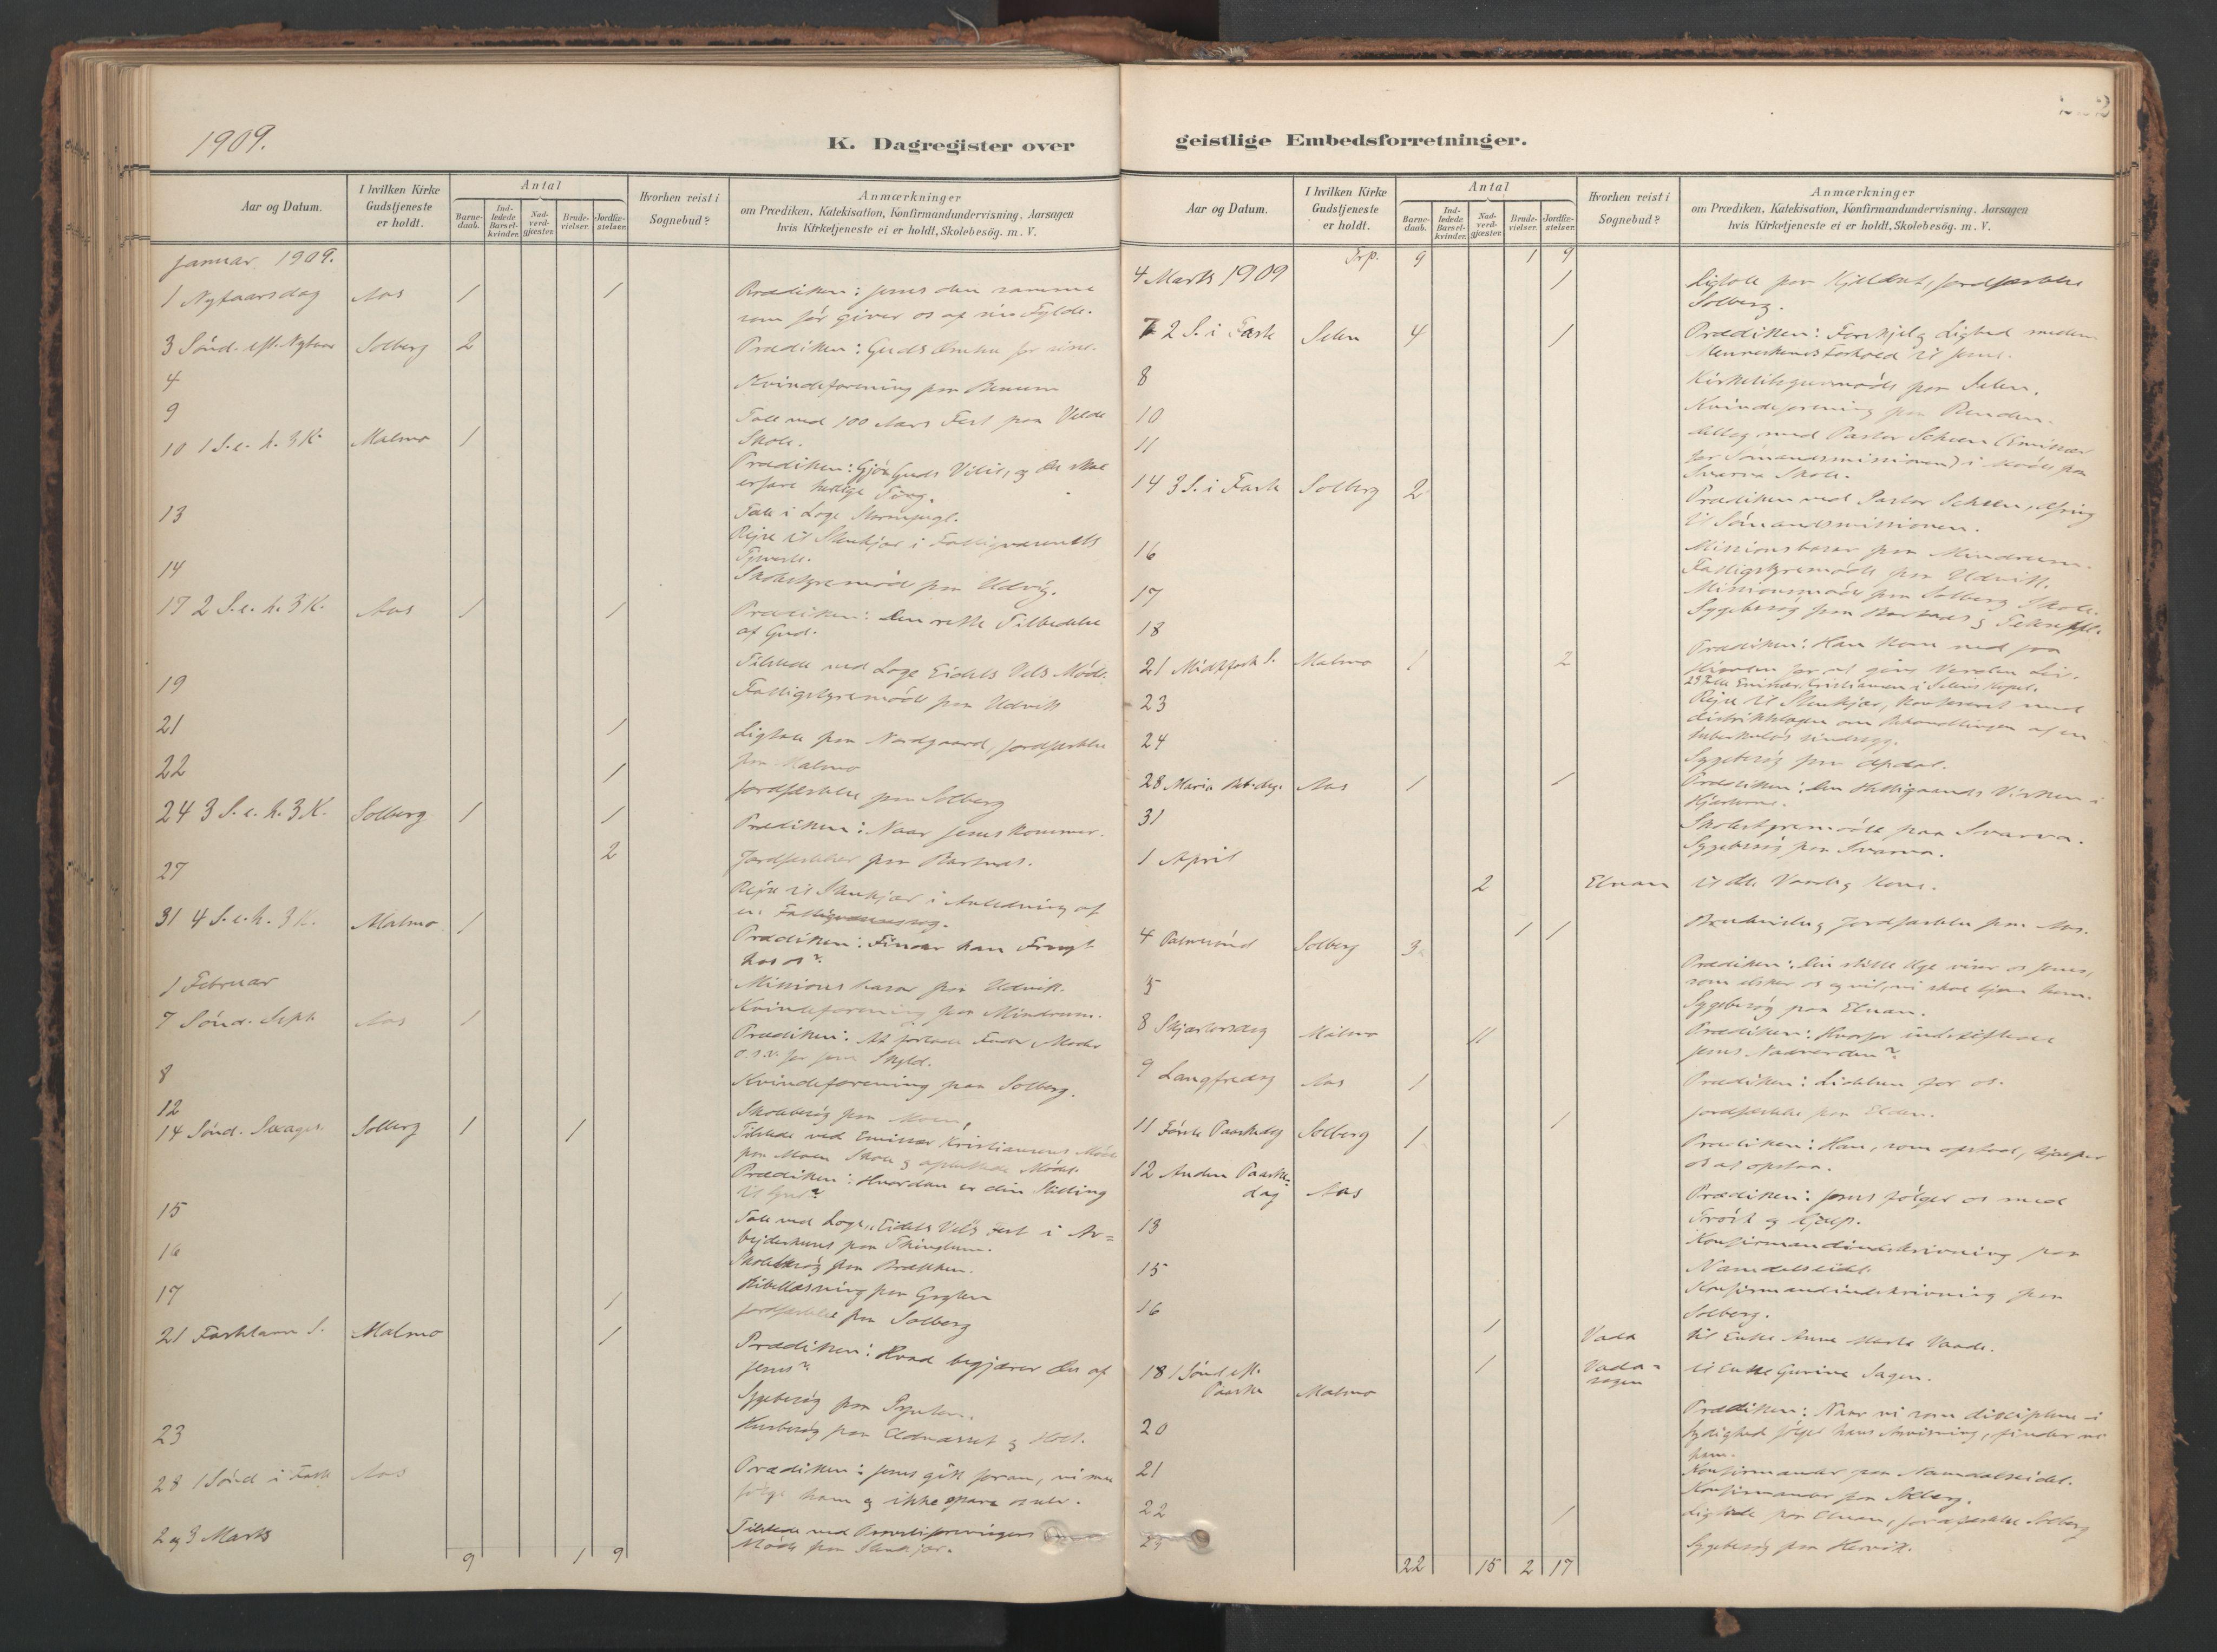 SAT, Ministerialprotokoller, klokkerbøker og fødselsregistre - Nord-Trøndelag, 741/L0397: Ministerialbok nr. 741A11, 1901-1911, s. 222